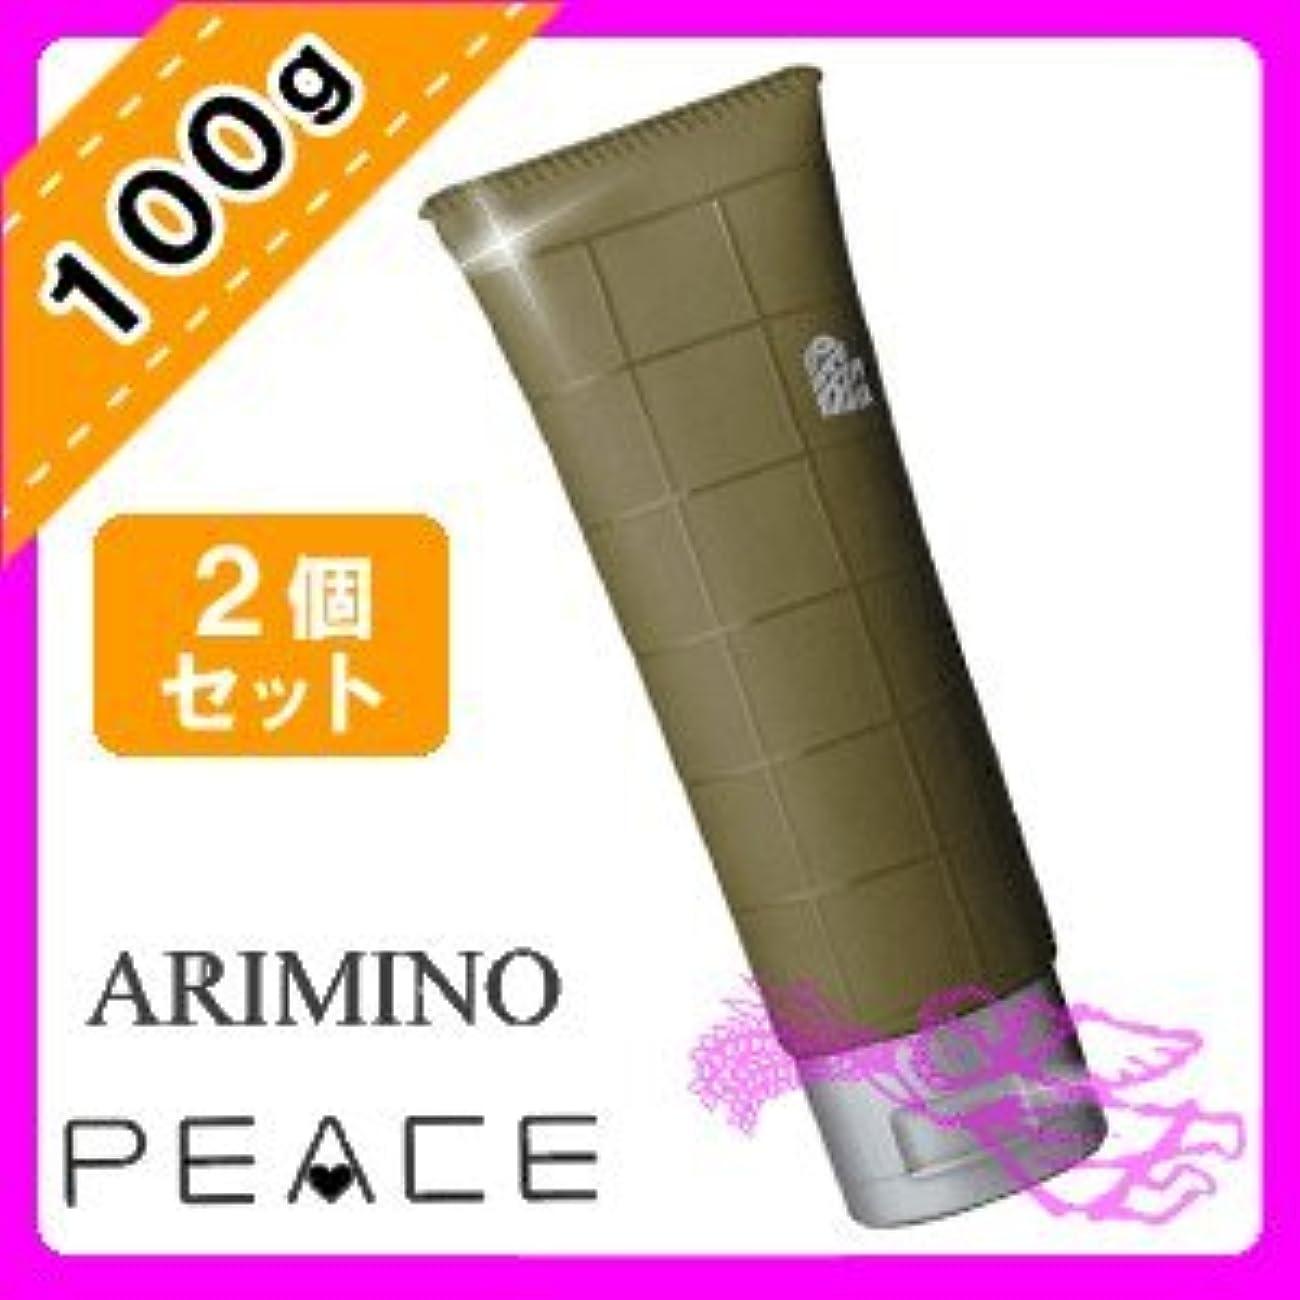 スロープ分析的な最も遠いアリミノ ピース ウェットオイル ワックス 100g ×2個セット arimino PEACE